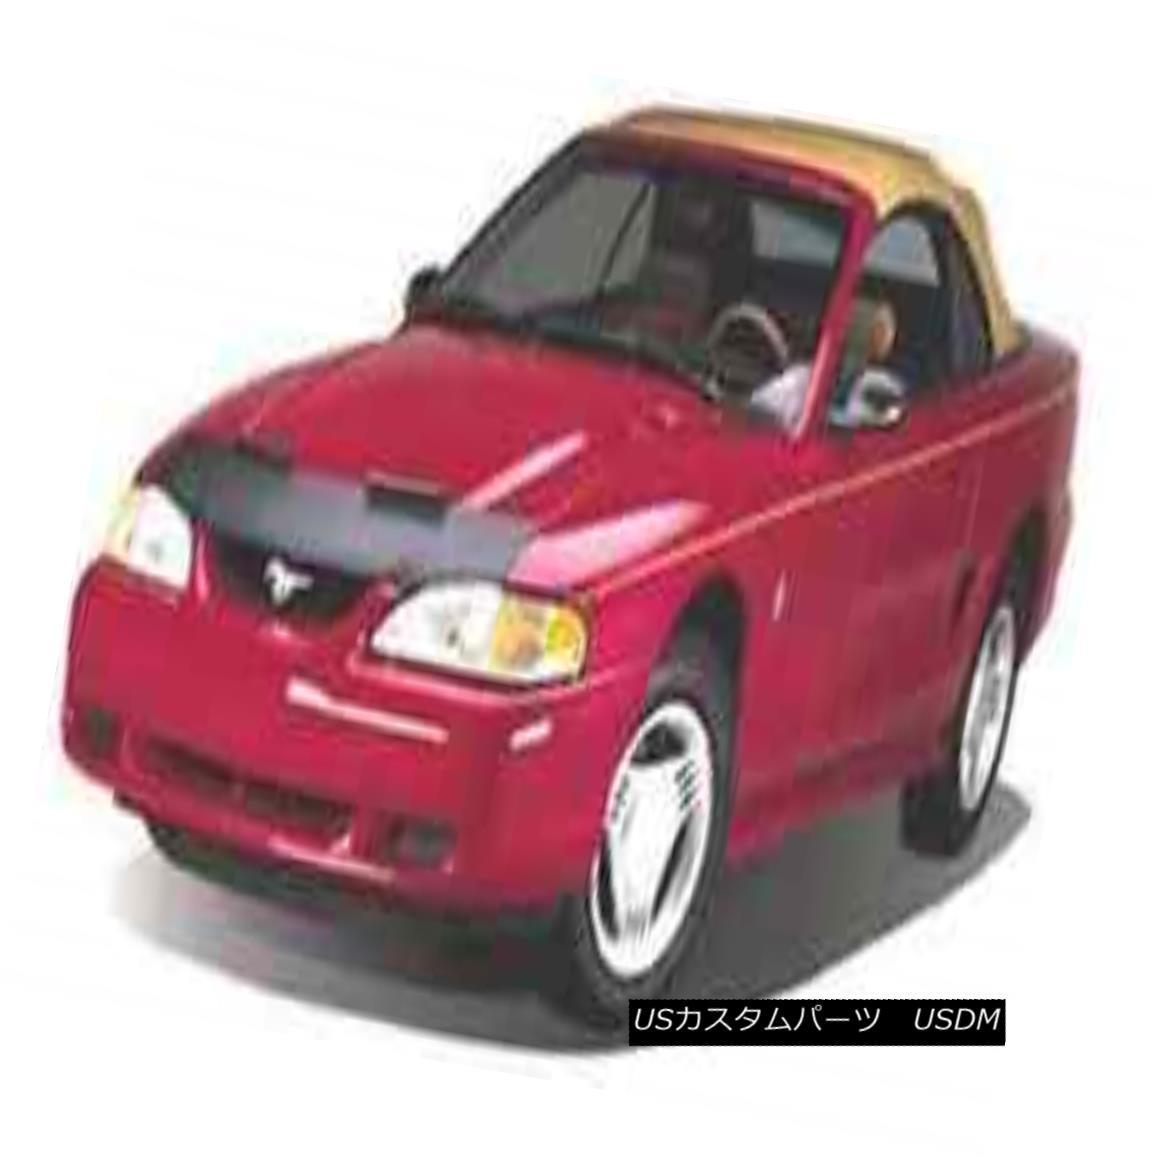 フルブラ ノーズブラ Mini Mask Bra Hood cover Fits Dodge Avenger 1997-2000 ミニマスクブラジャーフードカバードッジアヴェンジャーフィット1997-2000